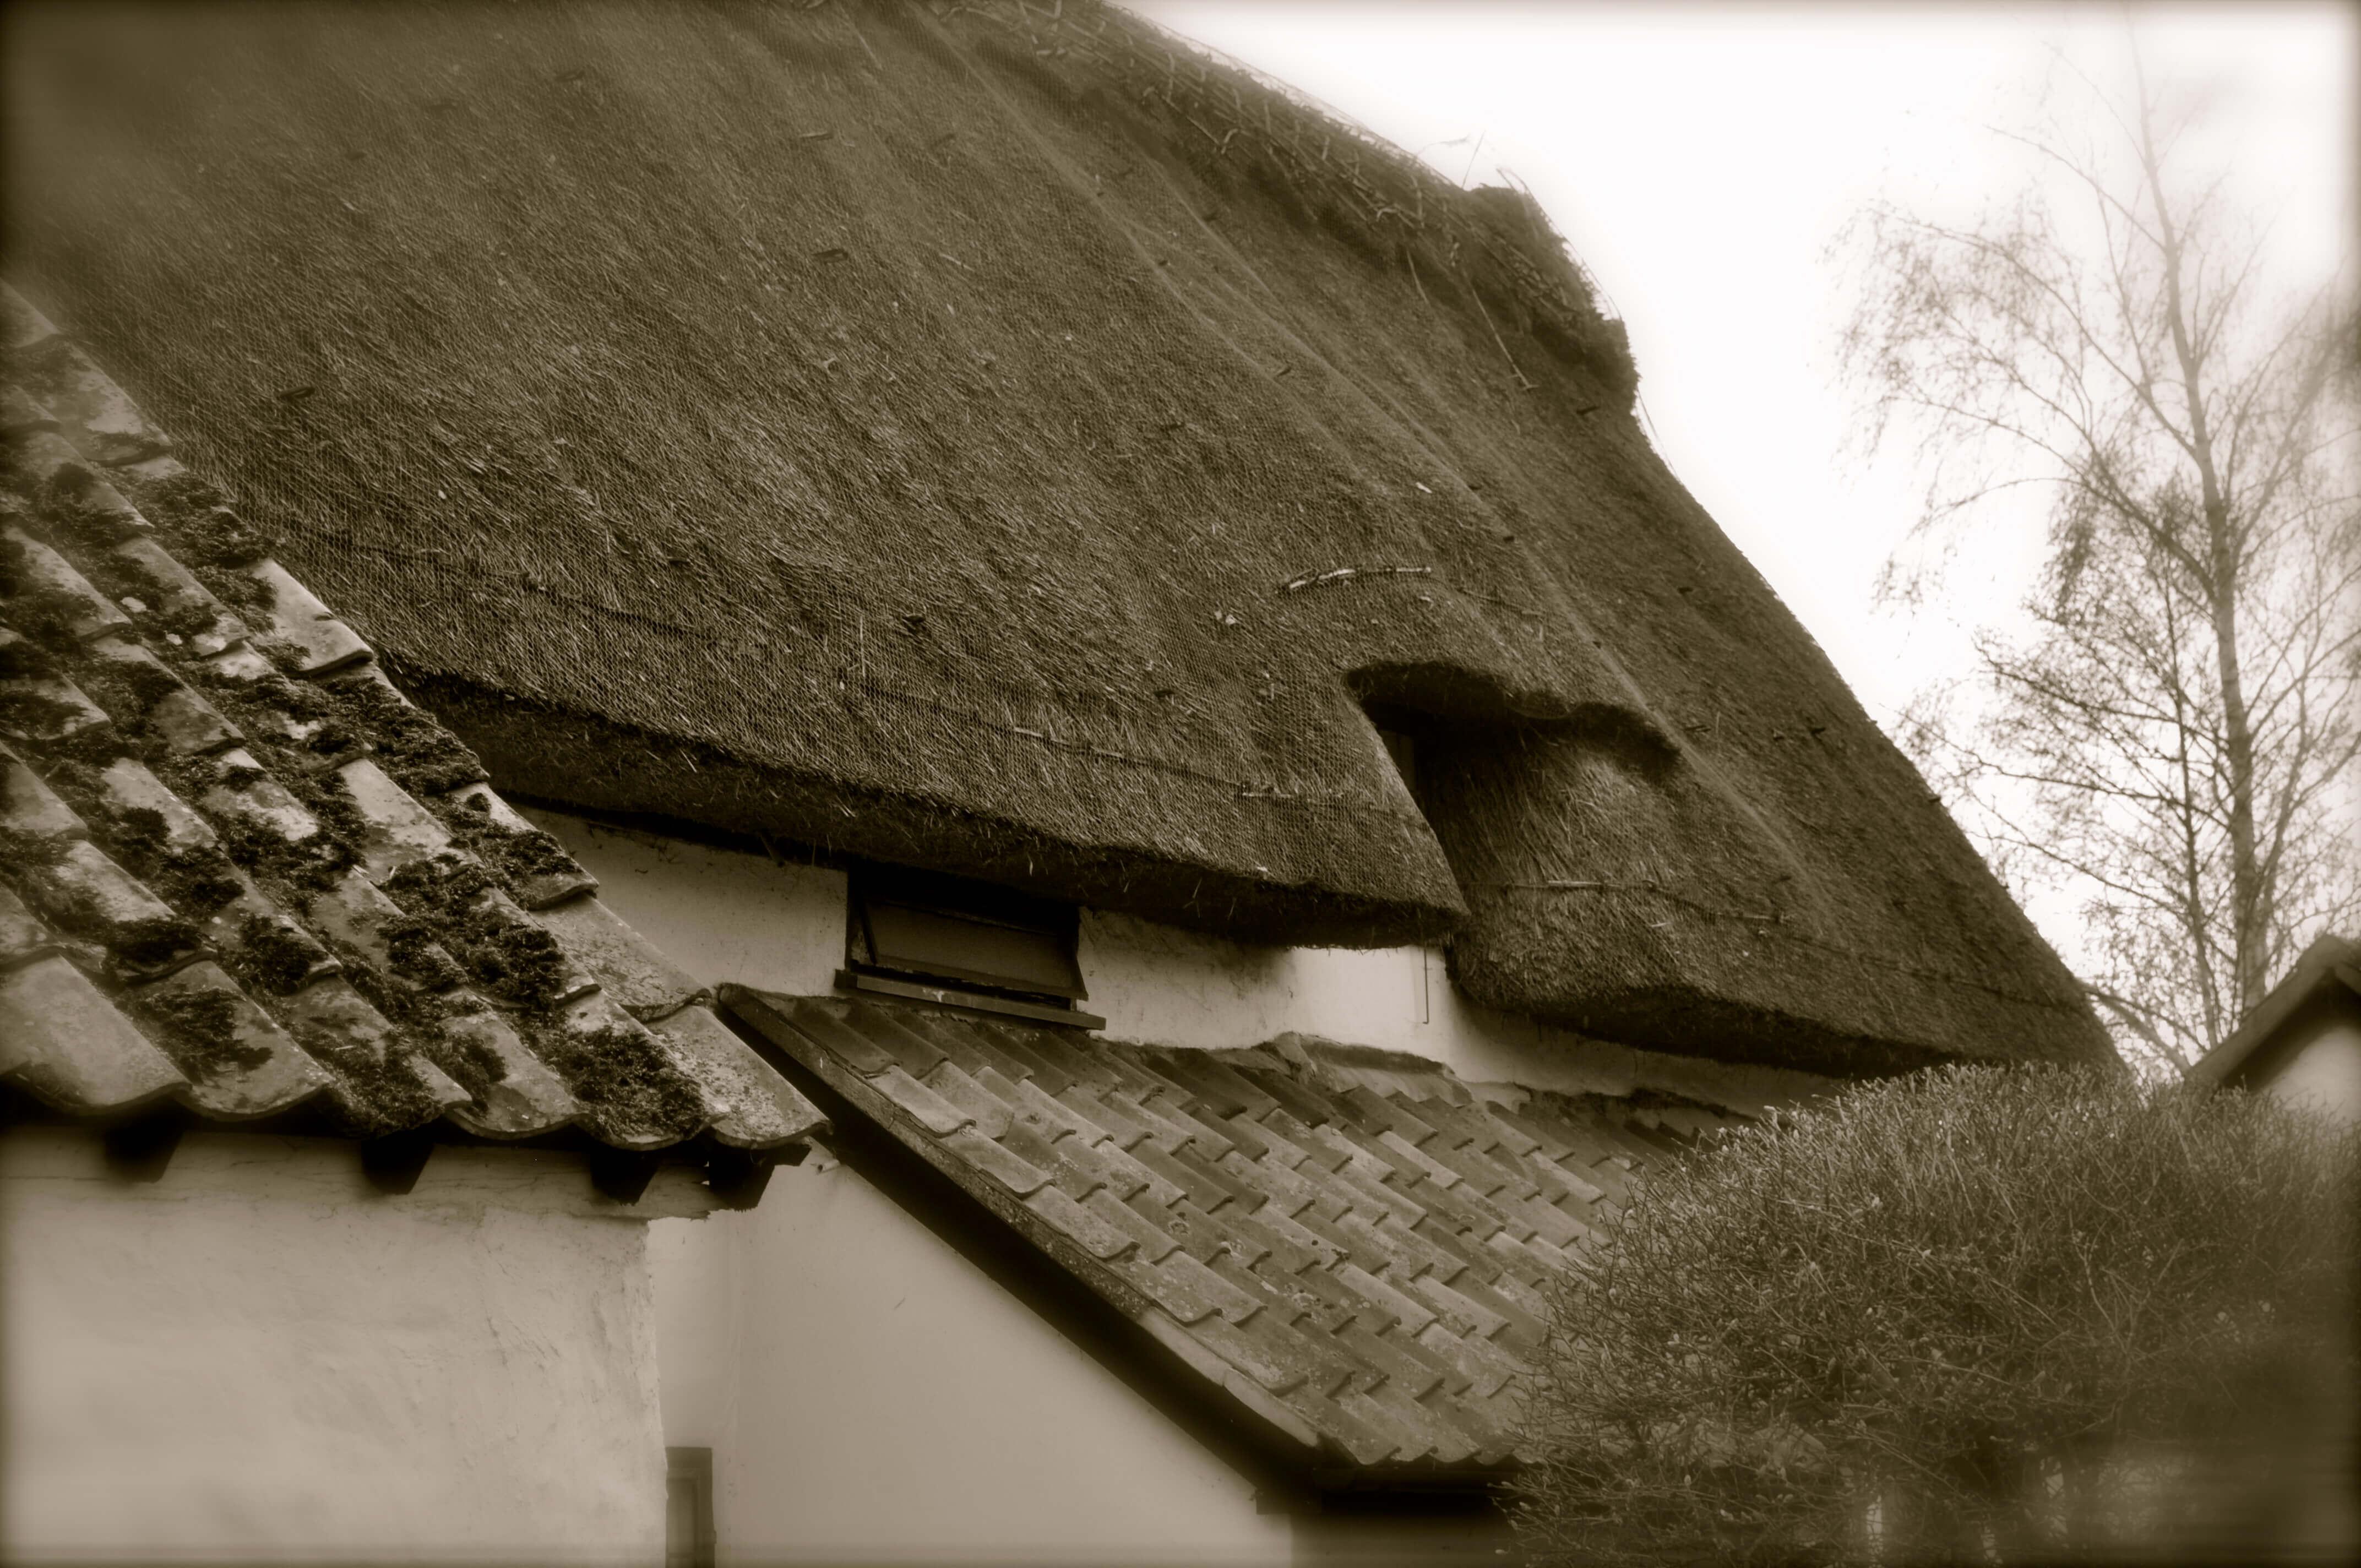 ASHWELL_village_GarytrotmanPhotoZ_001